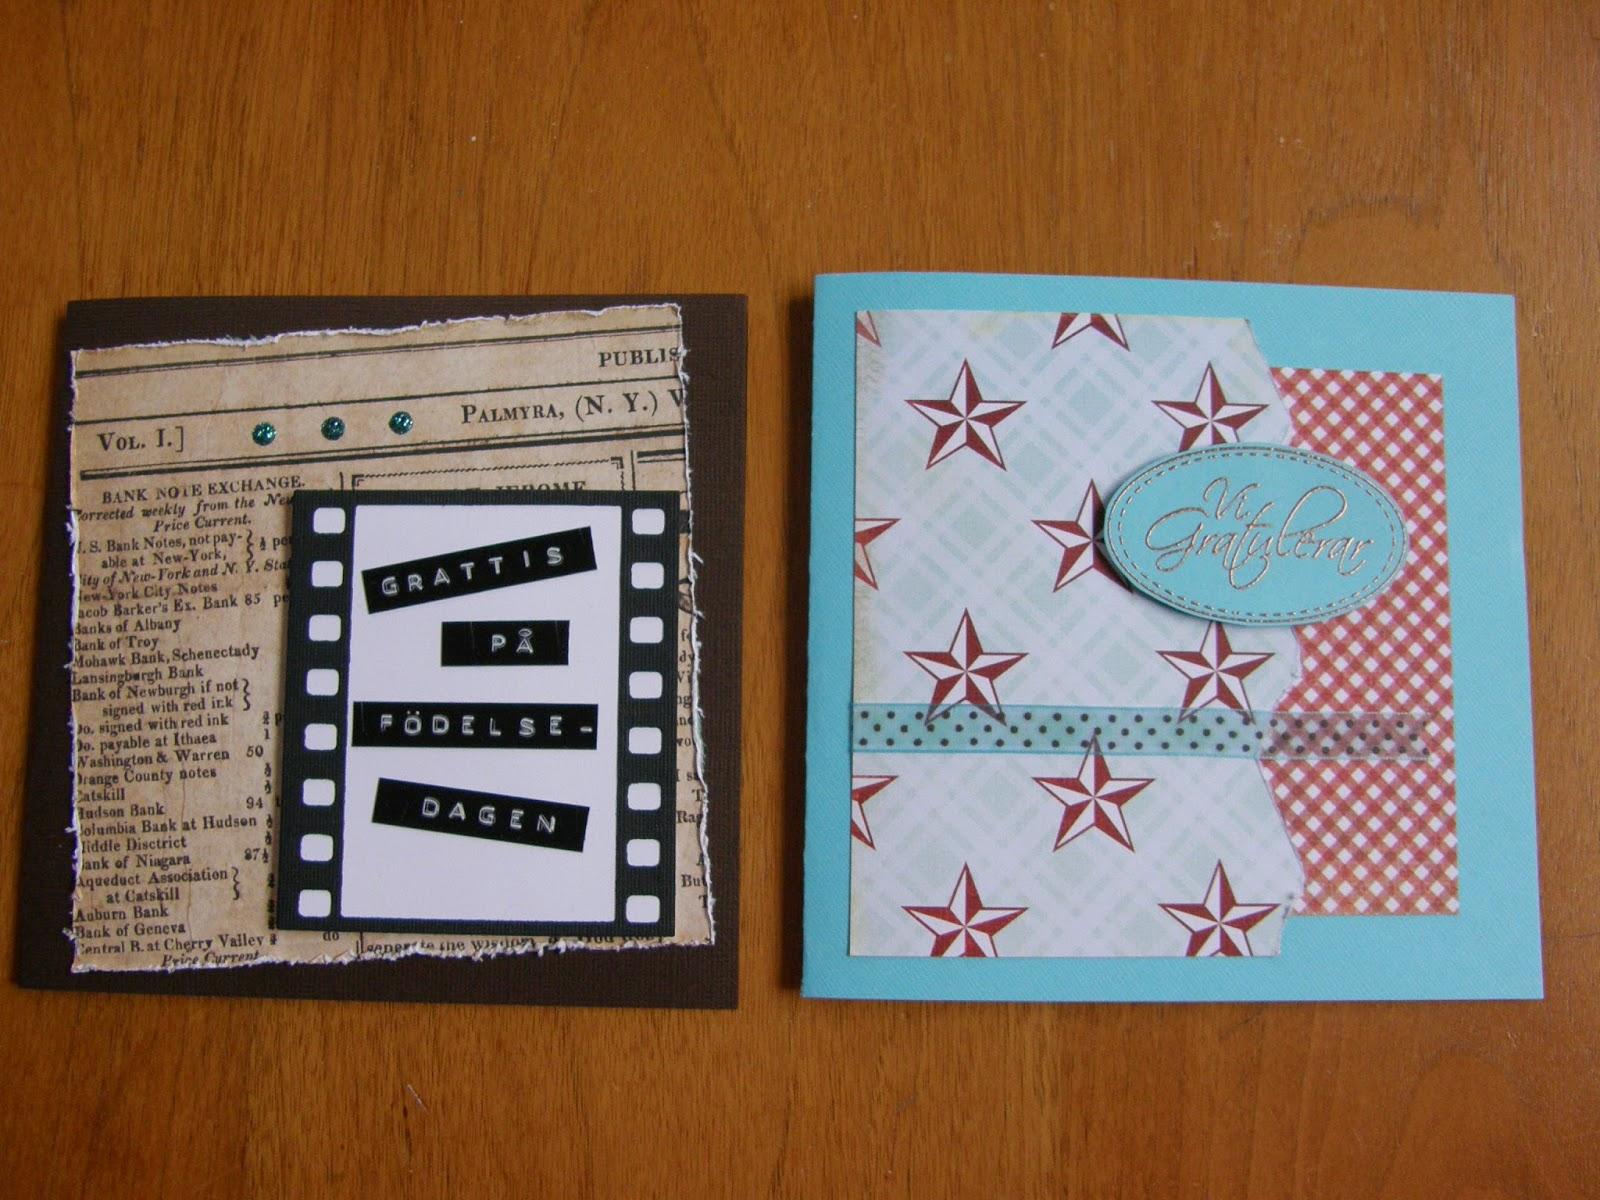 egna födelsedagskort BM FORM OCH PYSSEL: Födelsedagskort egna födelsedagskort